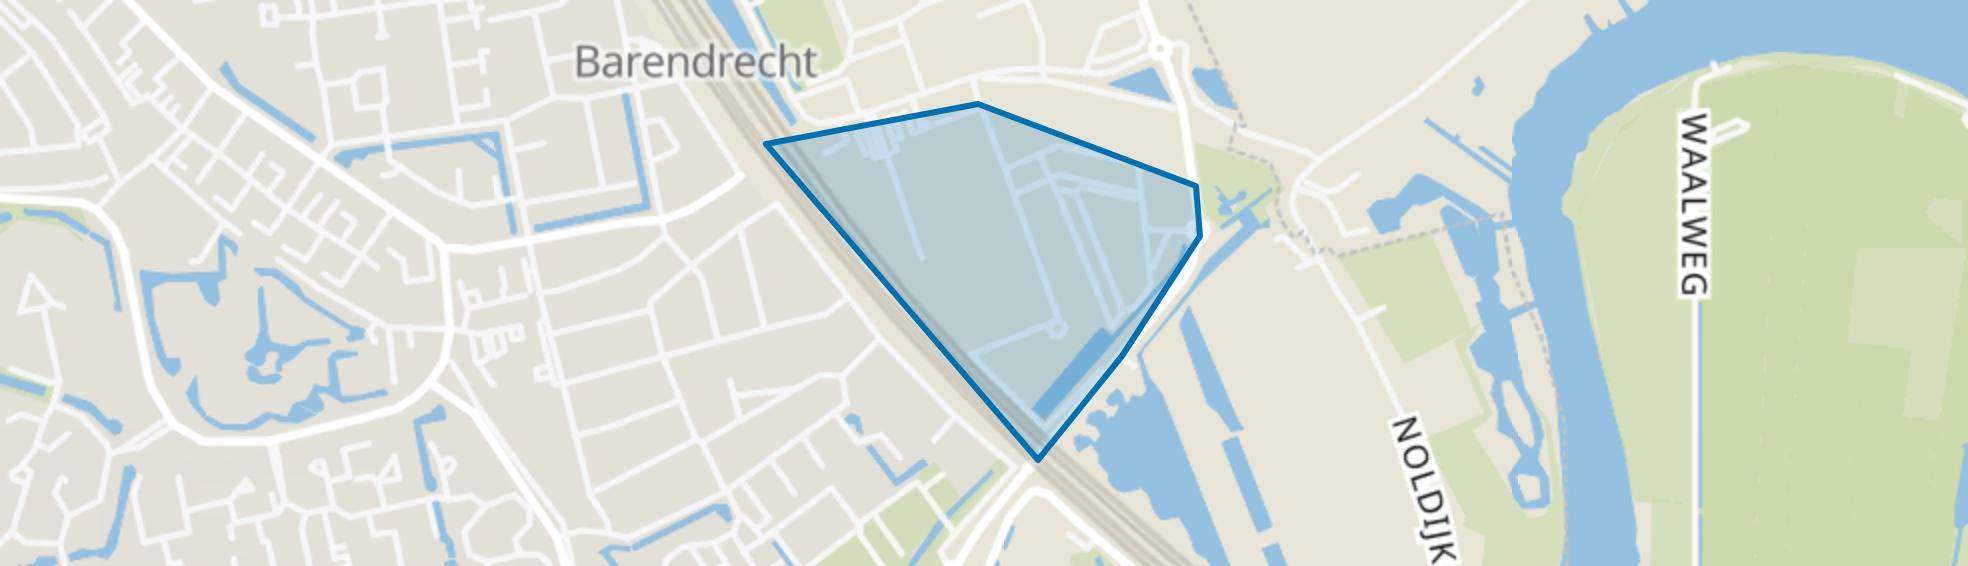 BT Ziedewij, Barendrecht map